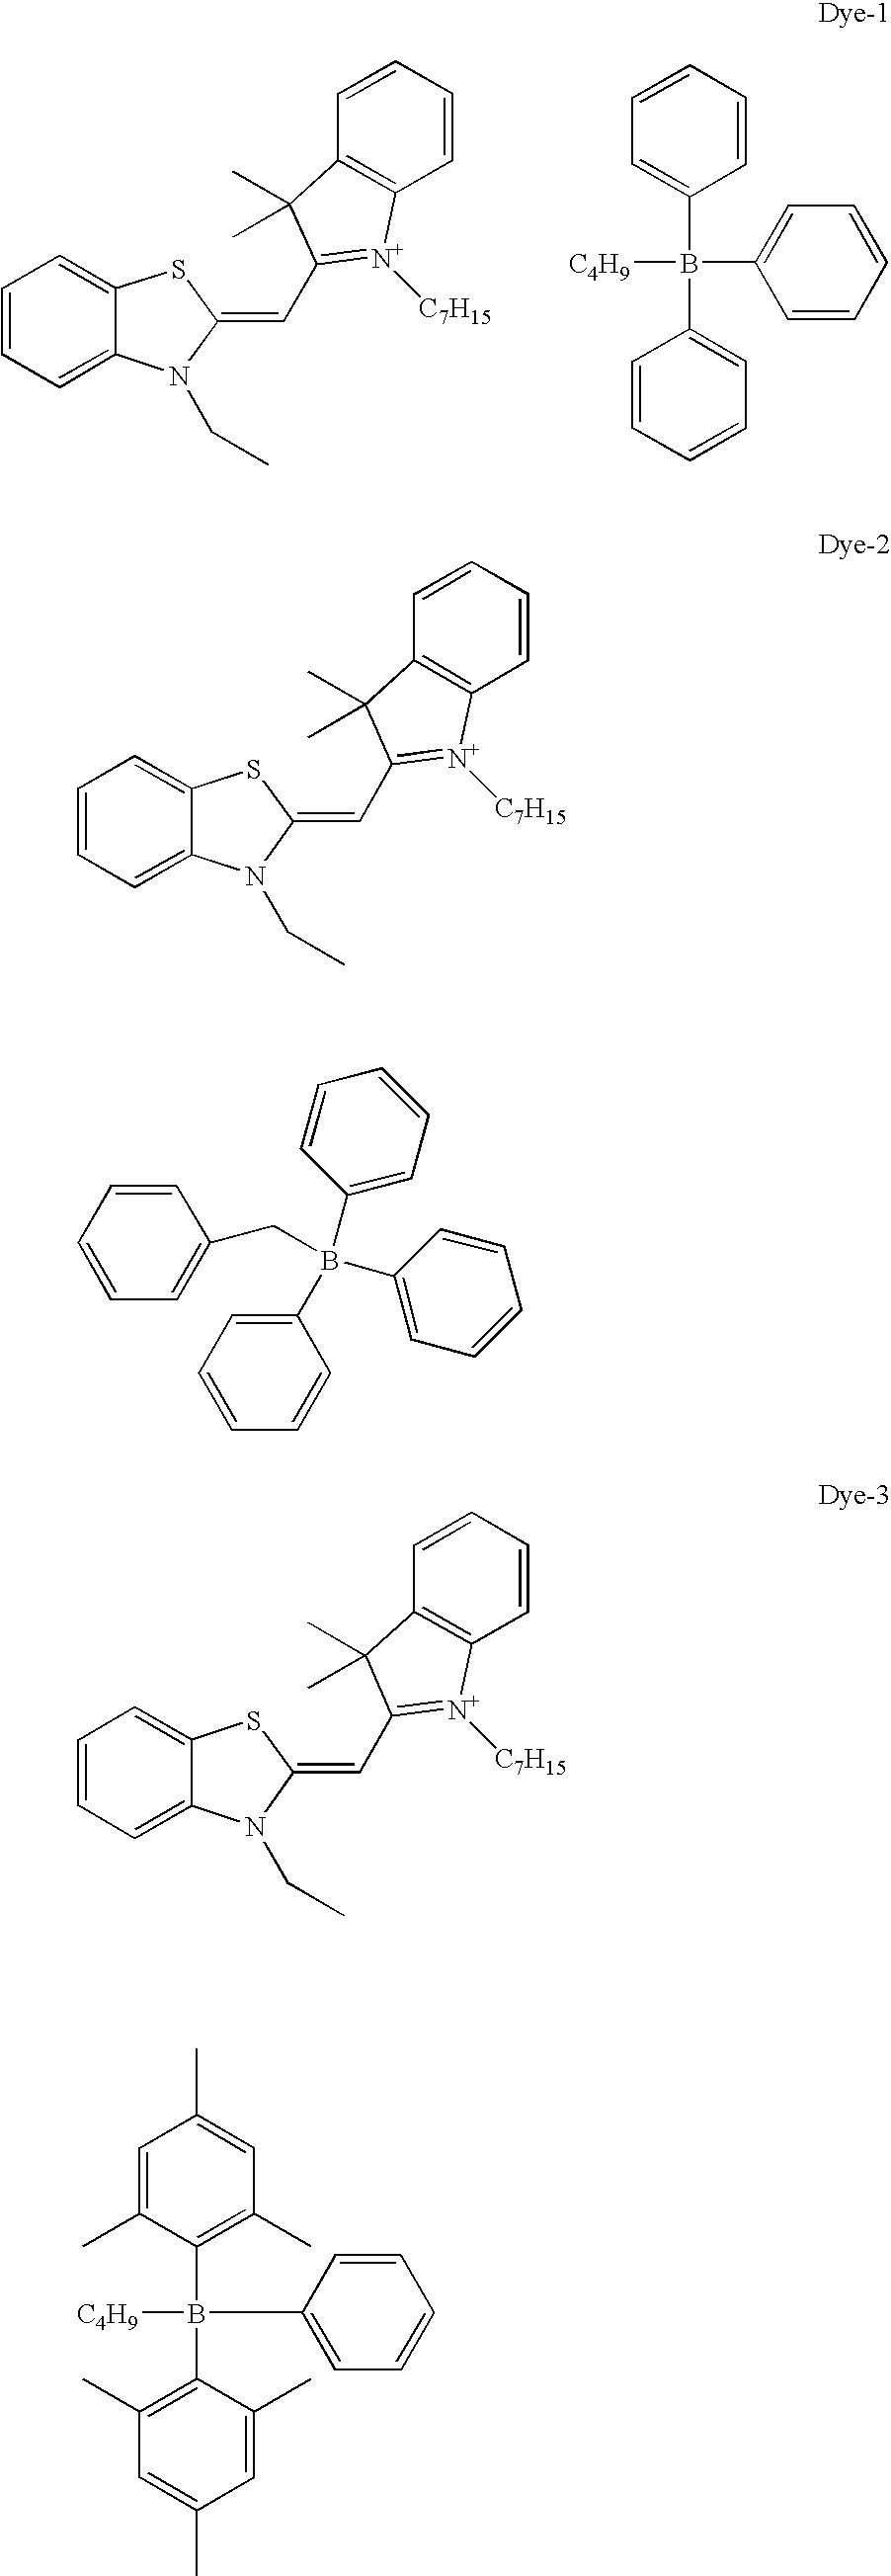 Figure US20050084790A1-20050421-C00002